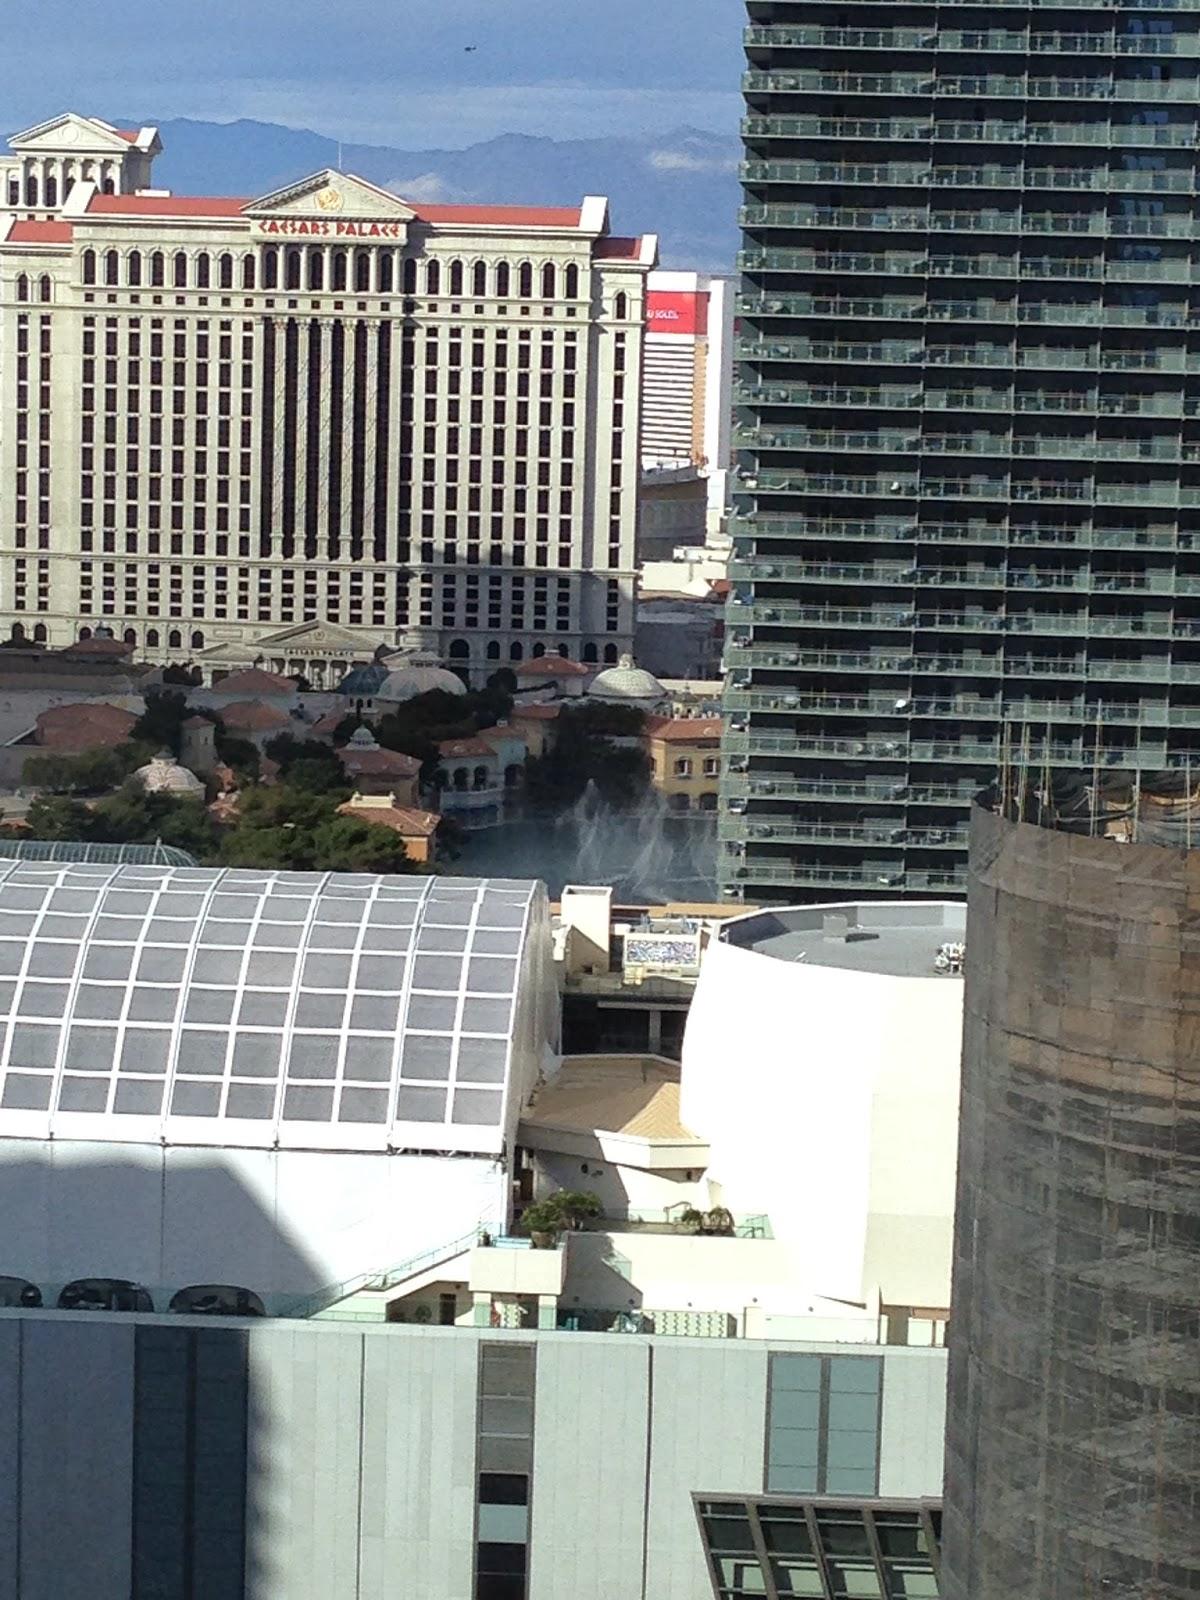 Veer Towers Floor Plan Three Bedroom Penthouse Vph 4: Las Vegas Condos, Strip High Rises, Las Vegas Luxury Real